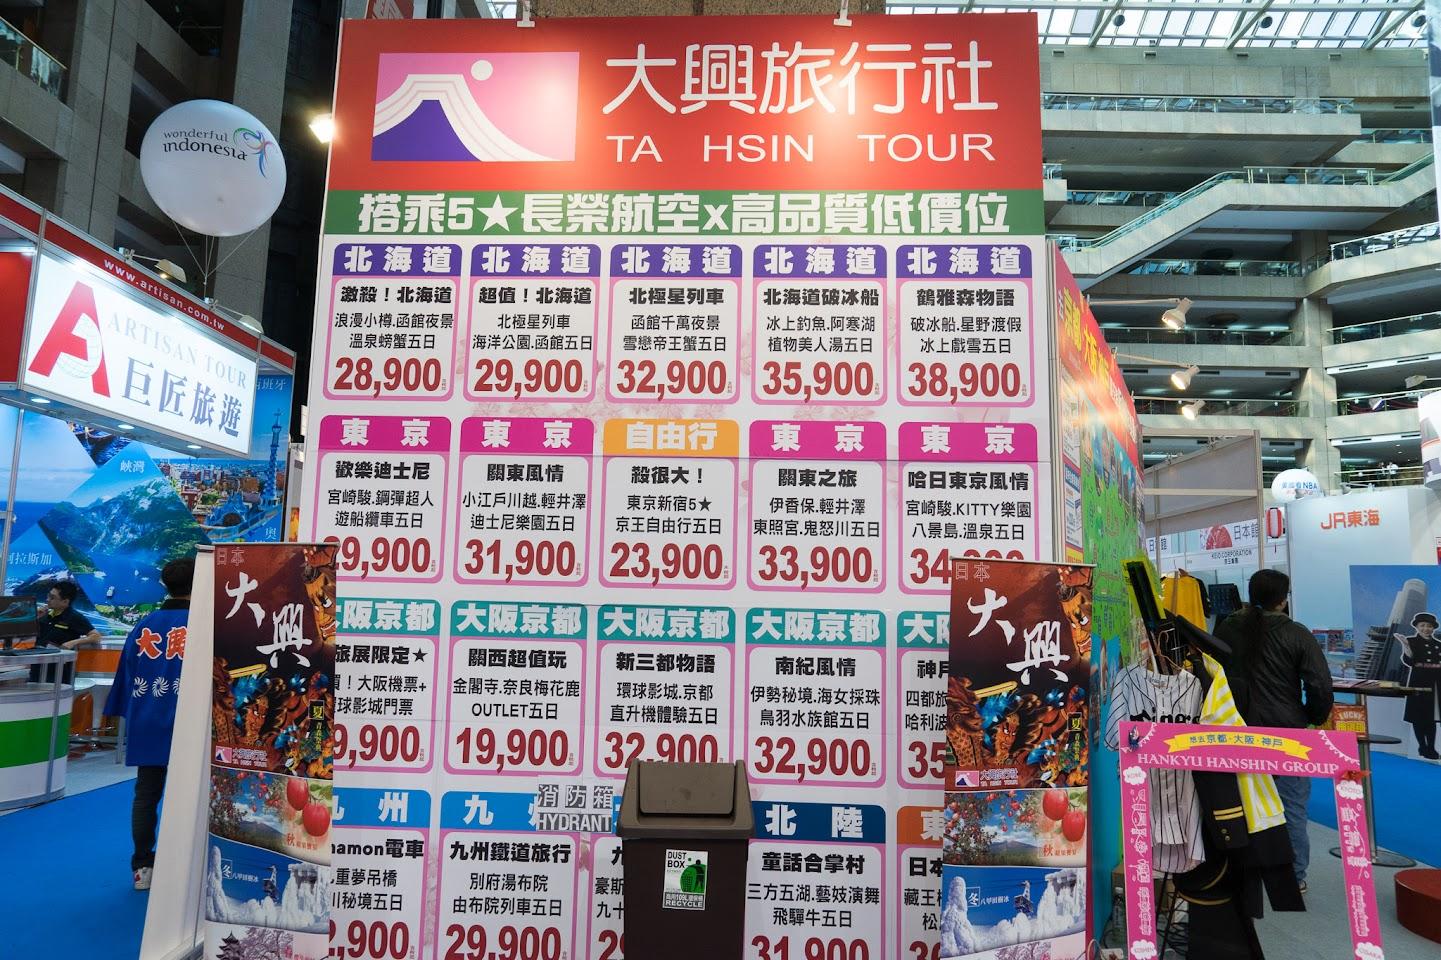 日本円は、台湾ドルを約3倍